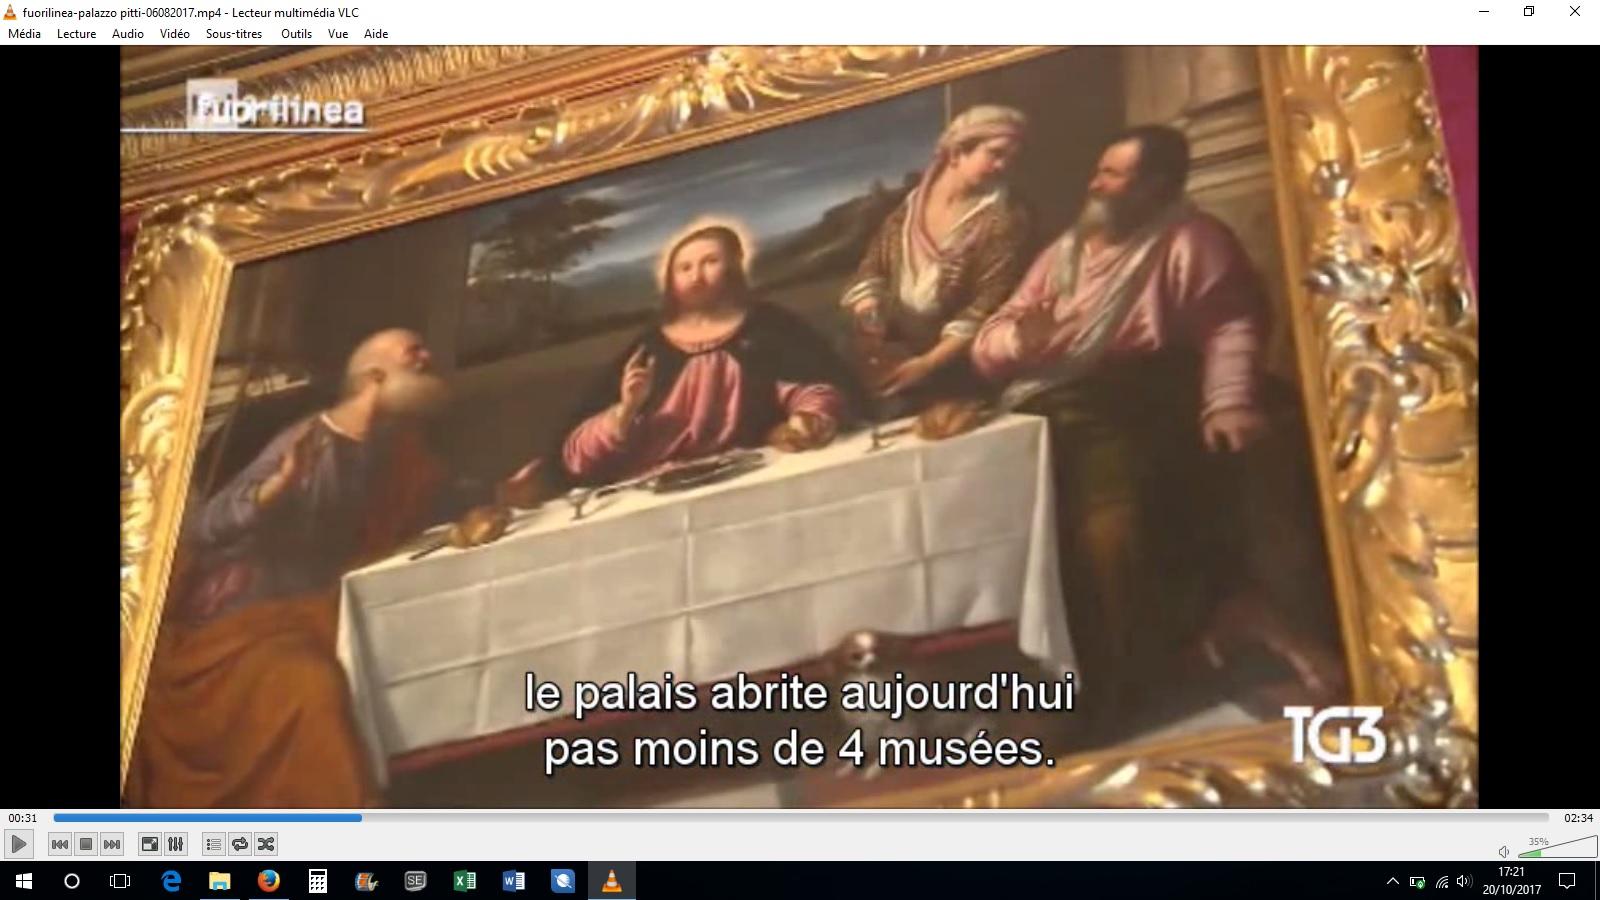 sous-titrage italien français reportage émission rai Palazzo Pitti traducteur interprète italien français Les mots de Gianni UCA Clermont Auvergne